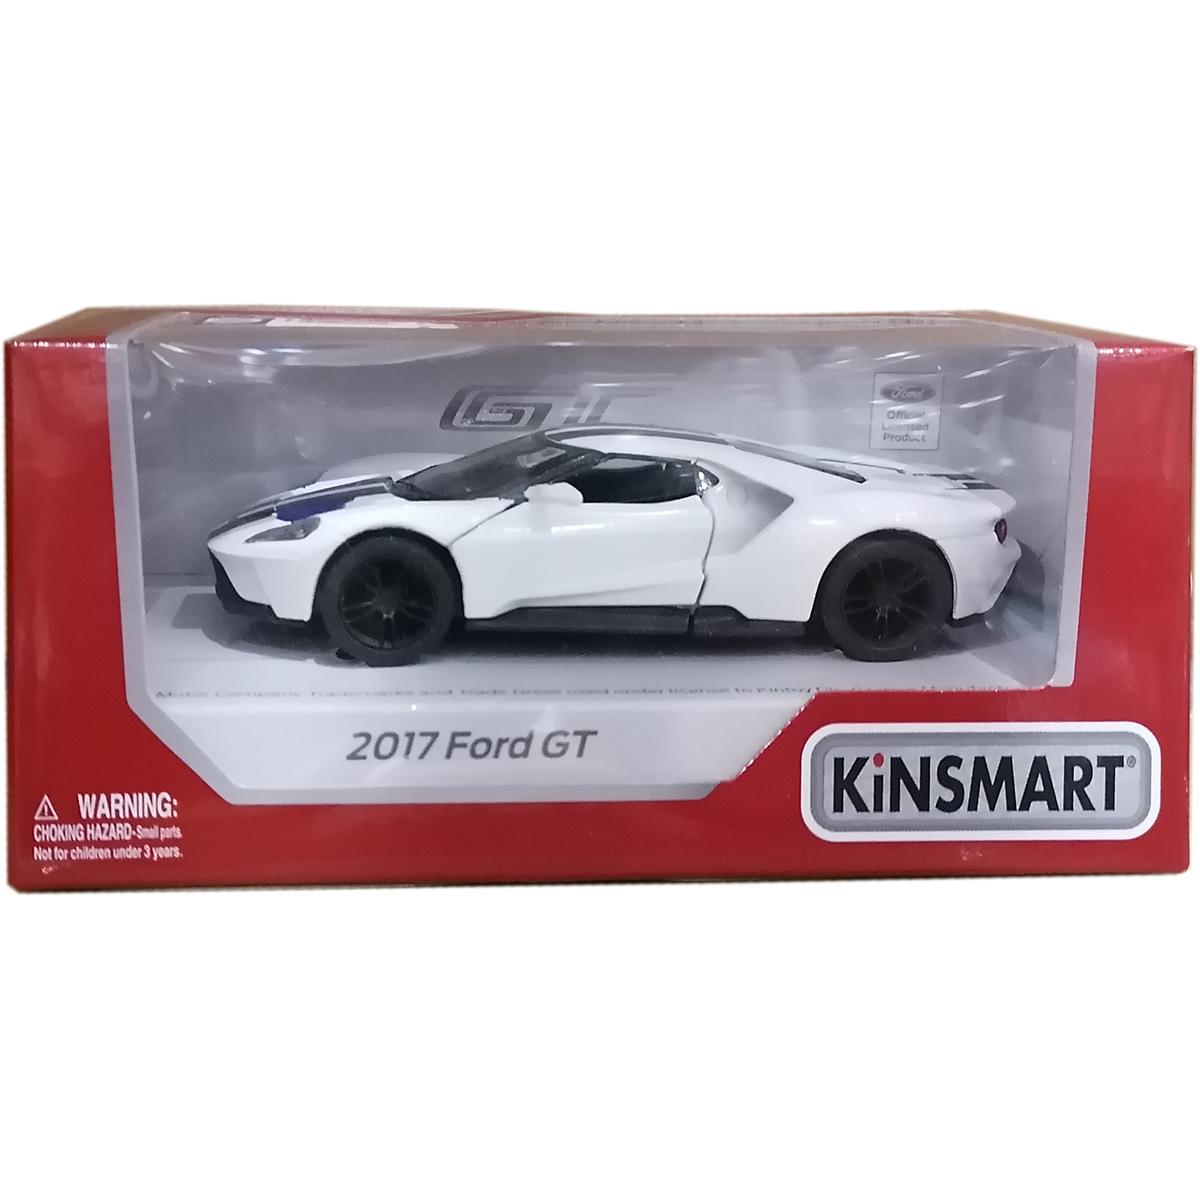 Masinuta din metal Kinsmart, Ford GT 2017, Alb